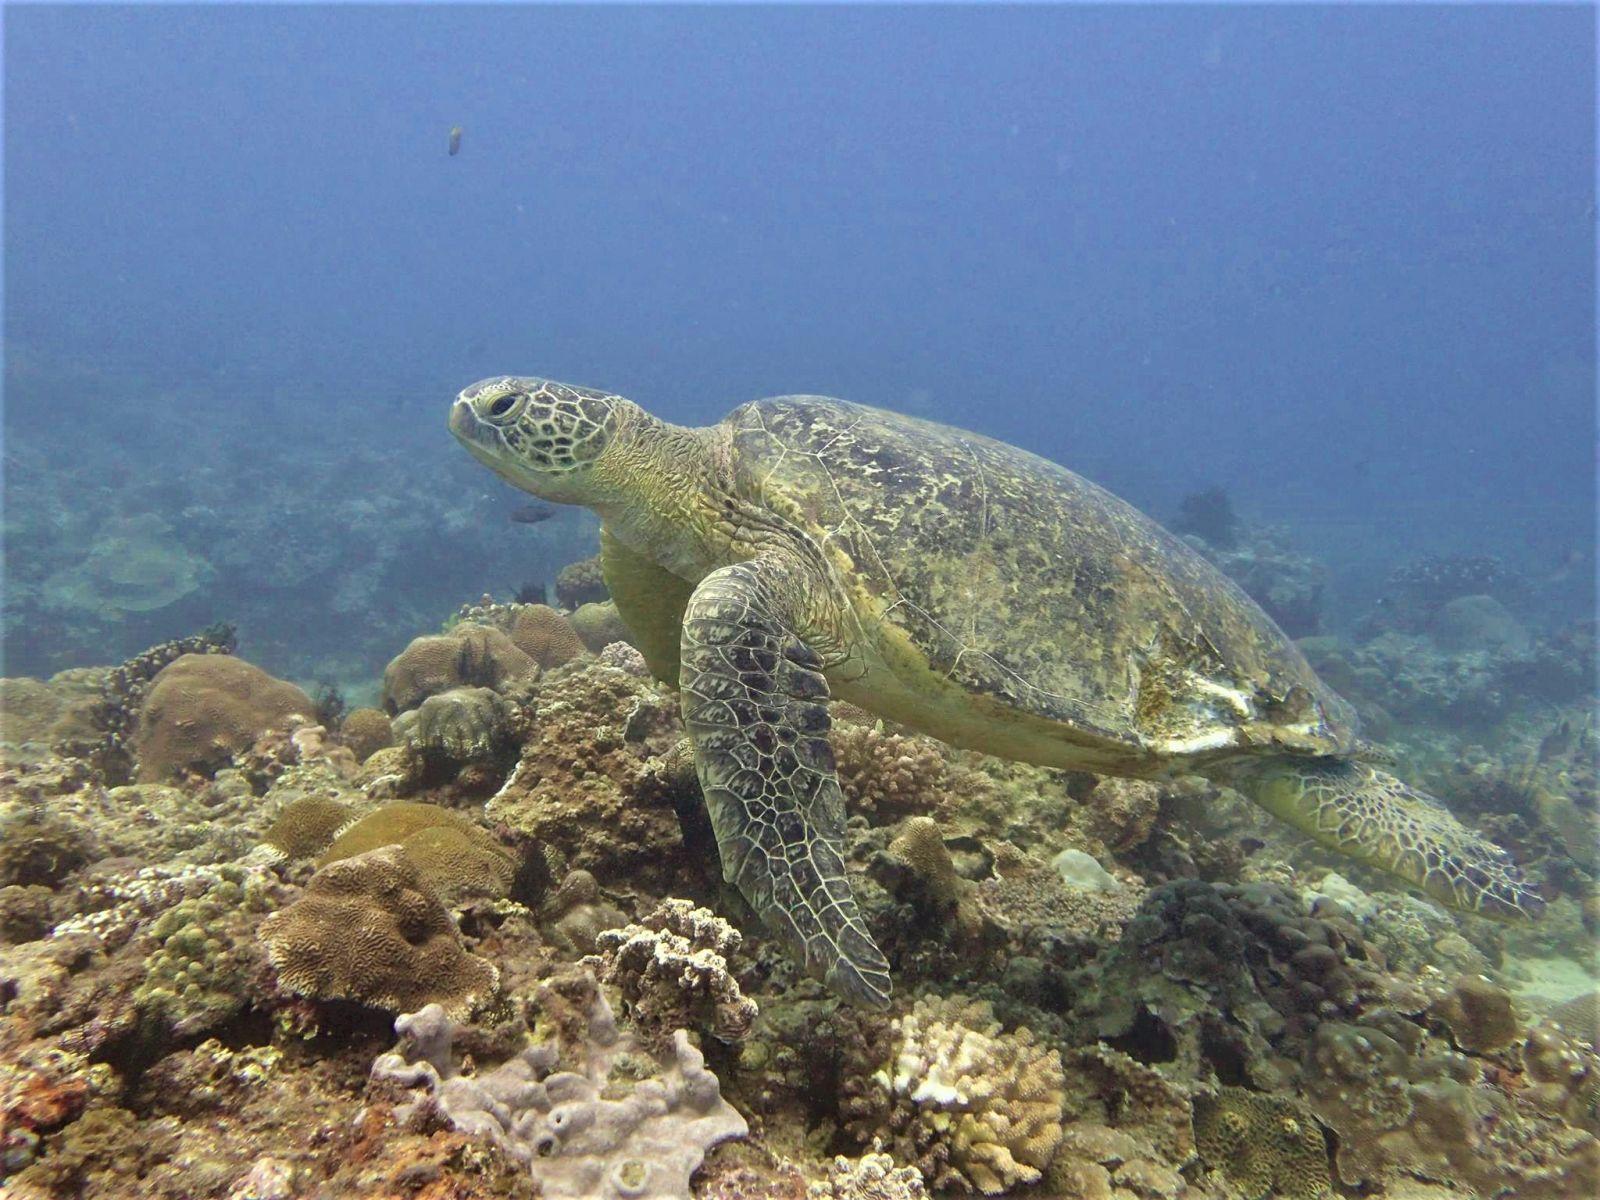 海龜「小破洞」於2017年6月被拍攝到背甲左後方的傷口已復原不少(蘇淮提供)。